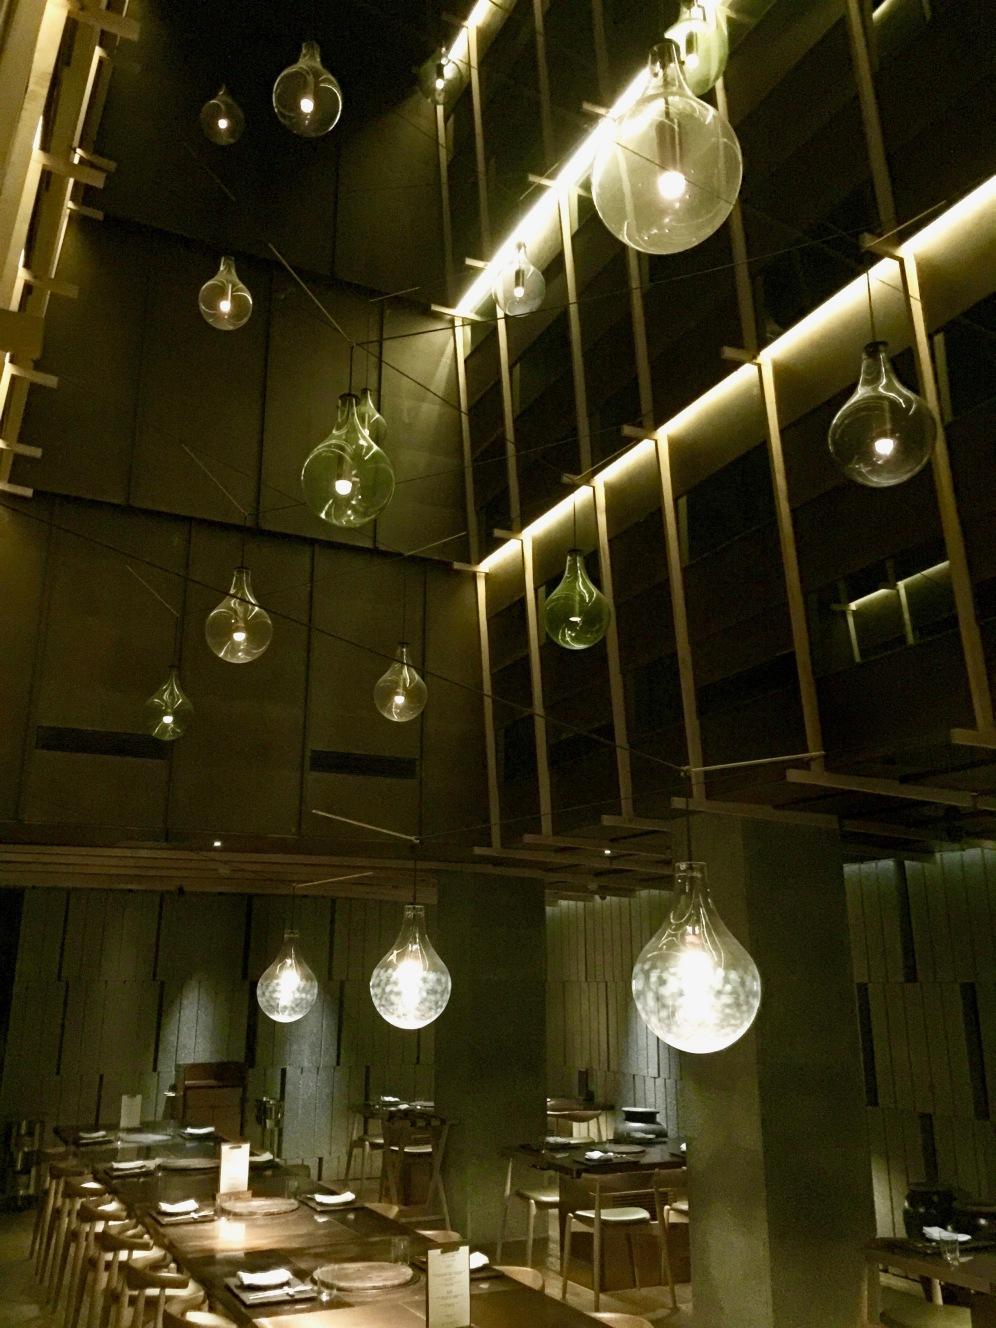 La table commune et la canopée de lumière